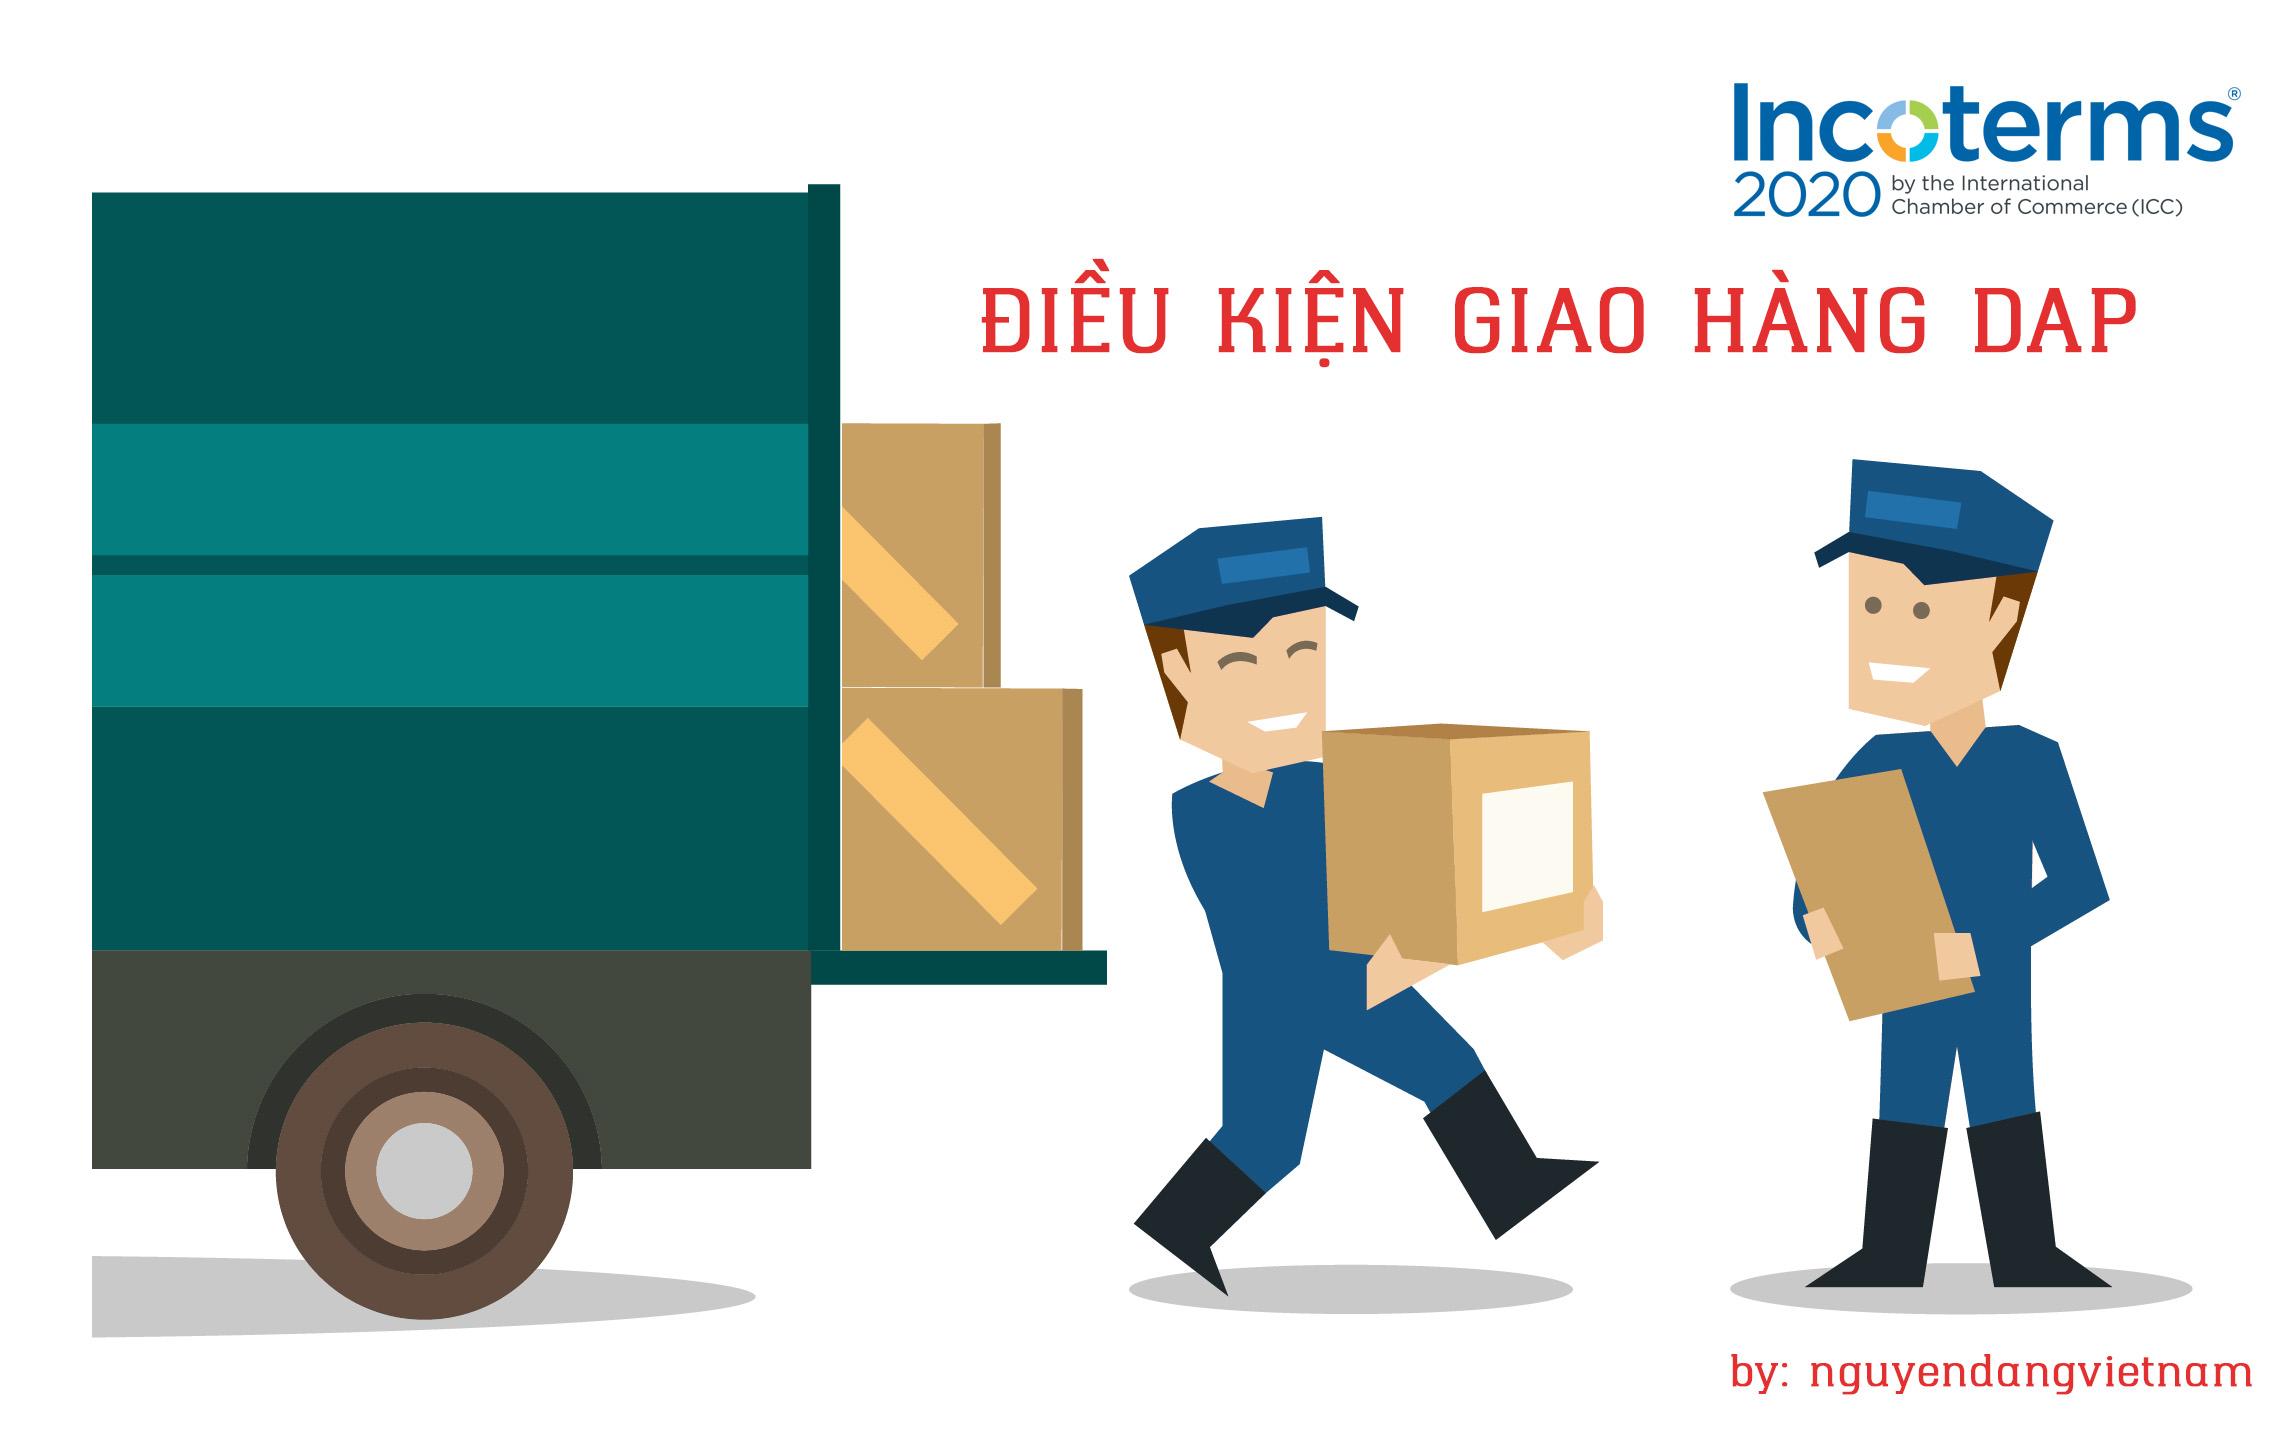 Điều kiện giao hàng DAP Incoterms 2020